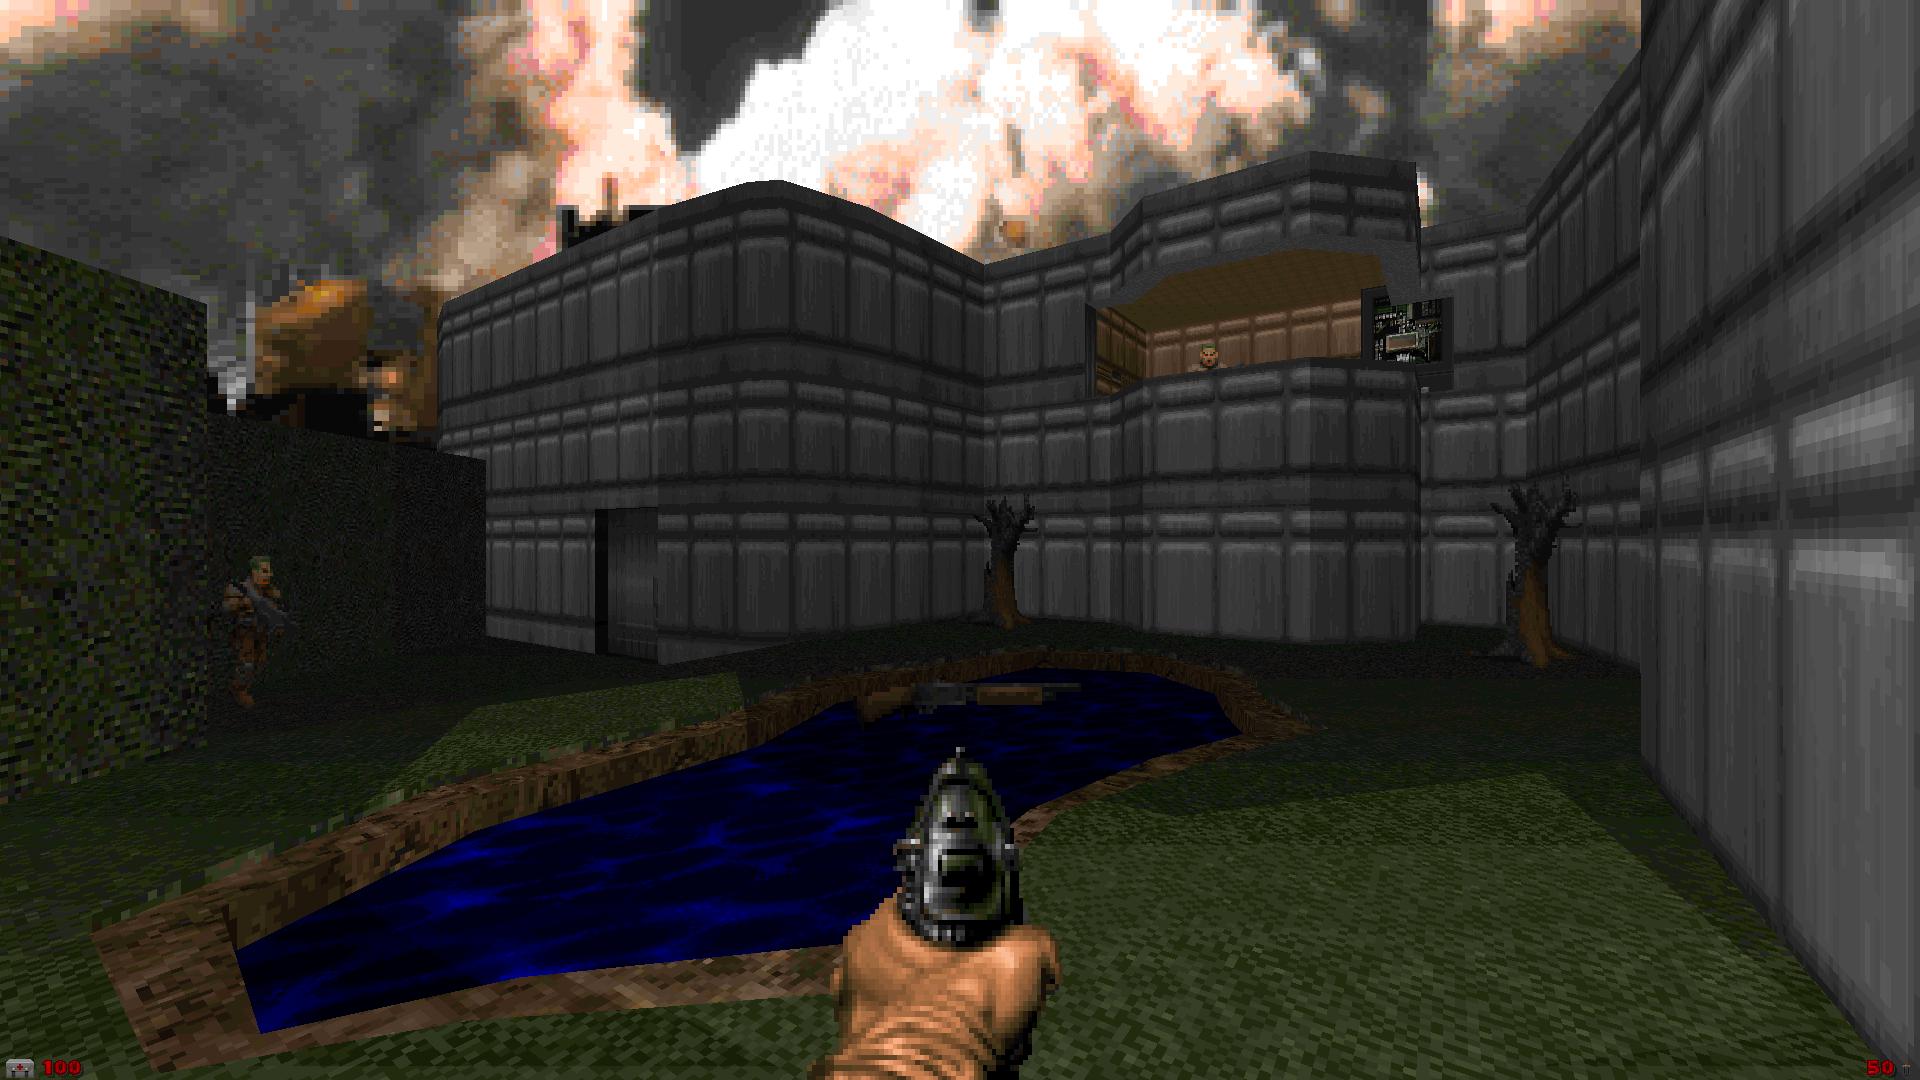 Screenshot_Doom_20190625_112741.png.44f0bfd0097c6e362f50a24bda24eda5.png